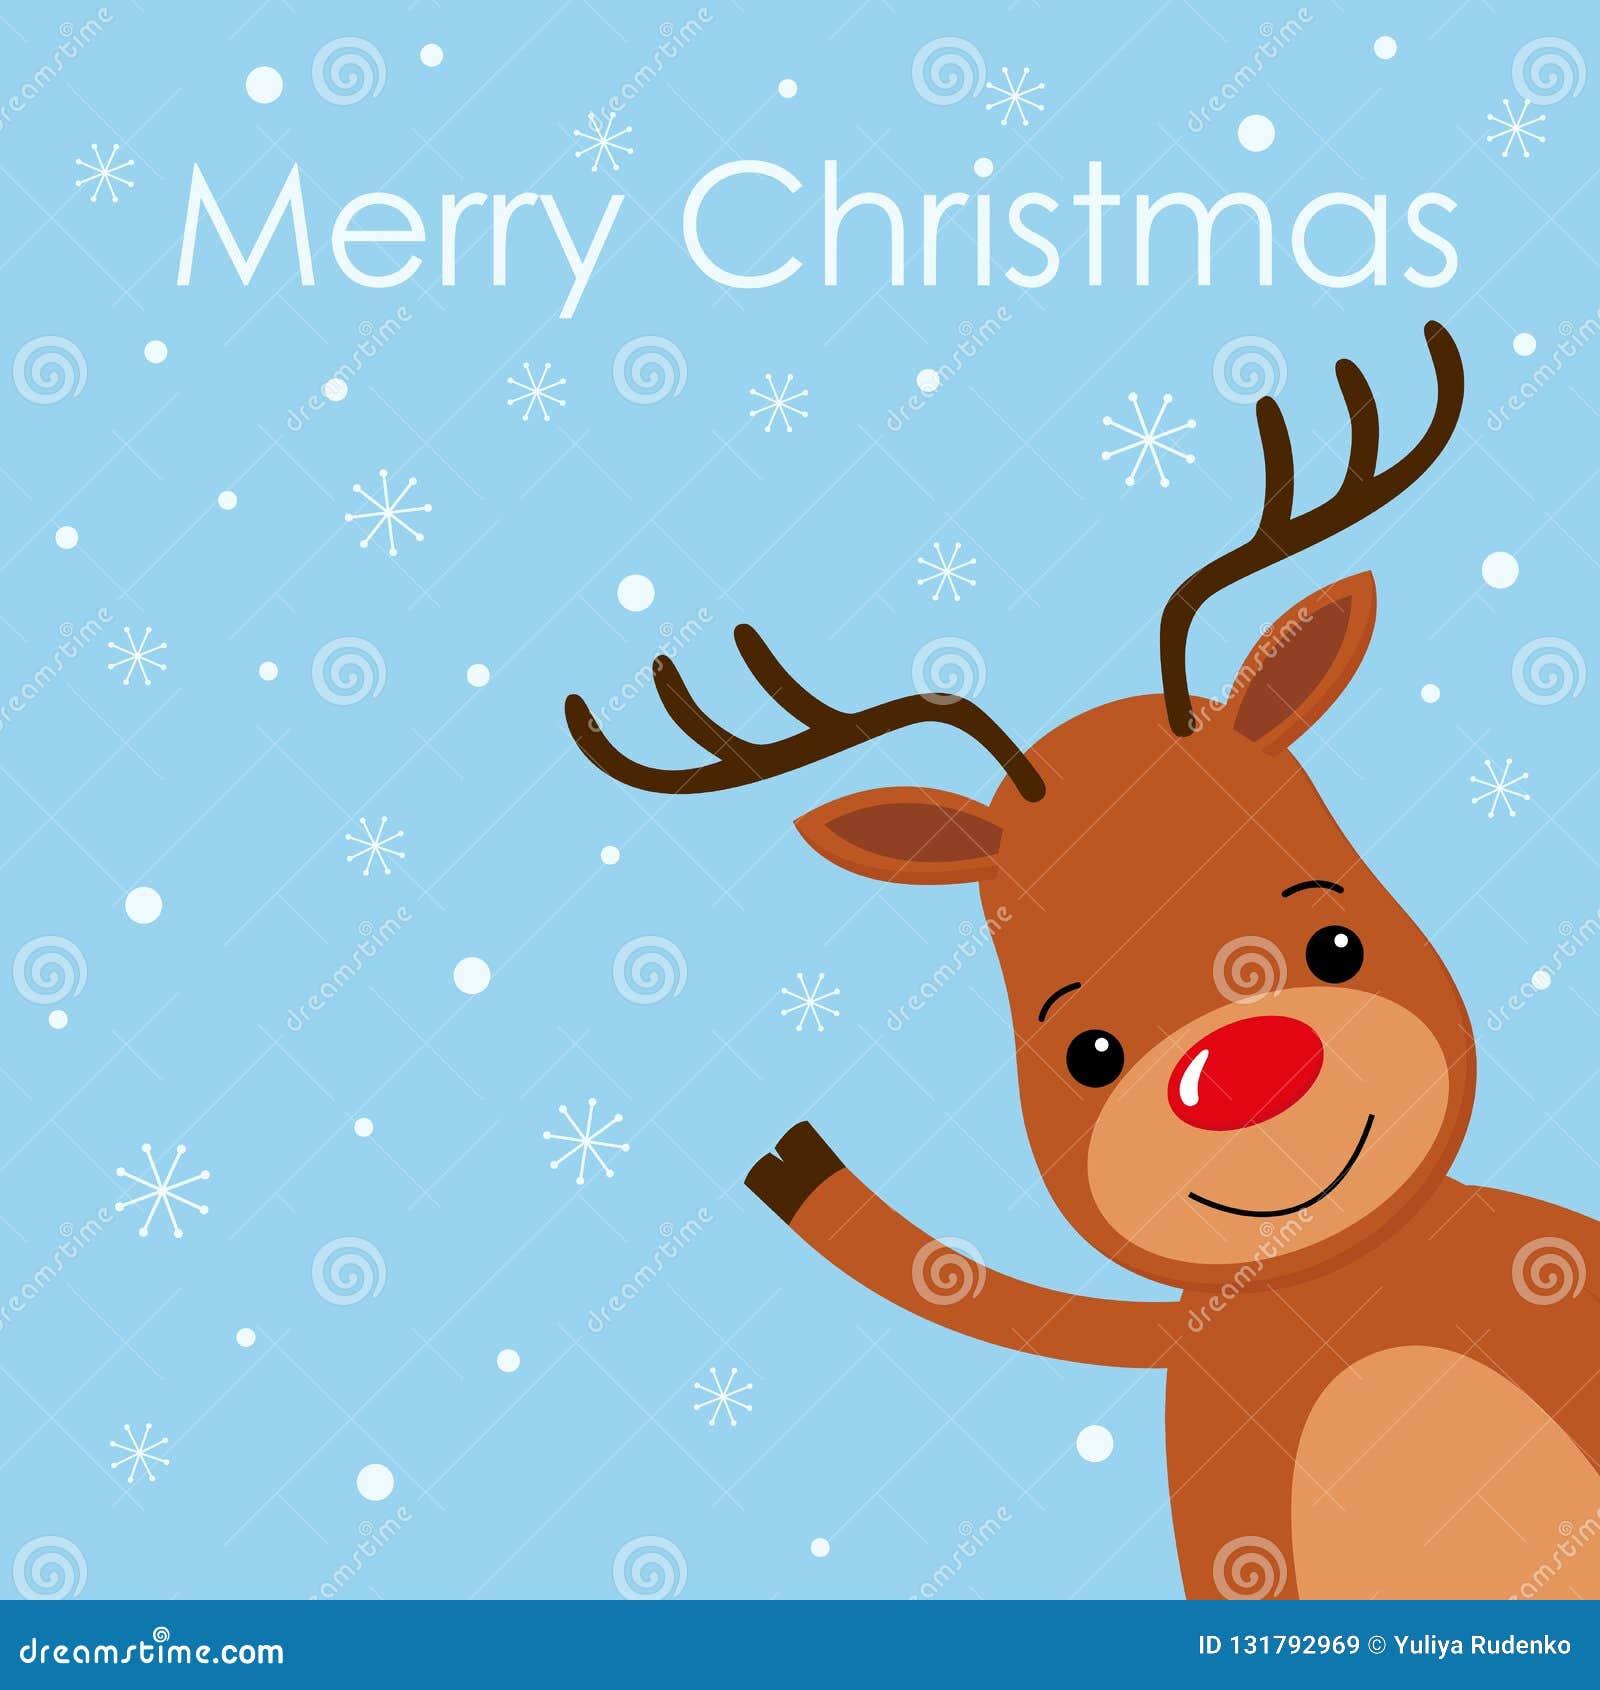 Kartka bożonarodzeniowa z ślicznym reniferowym charakterem